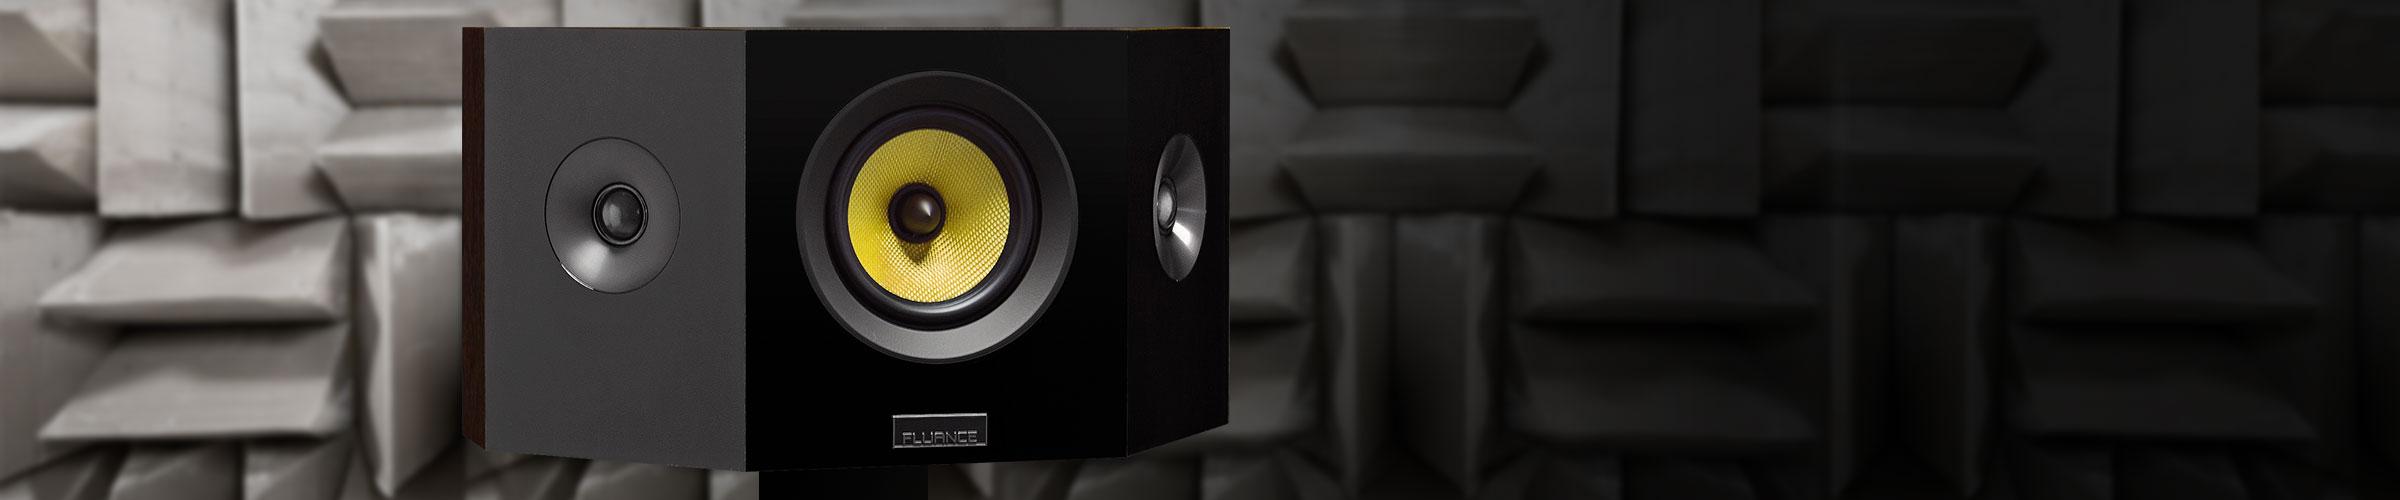 Signature Series Bipolar speakers- midrange